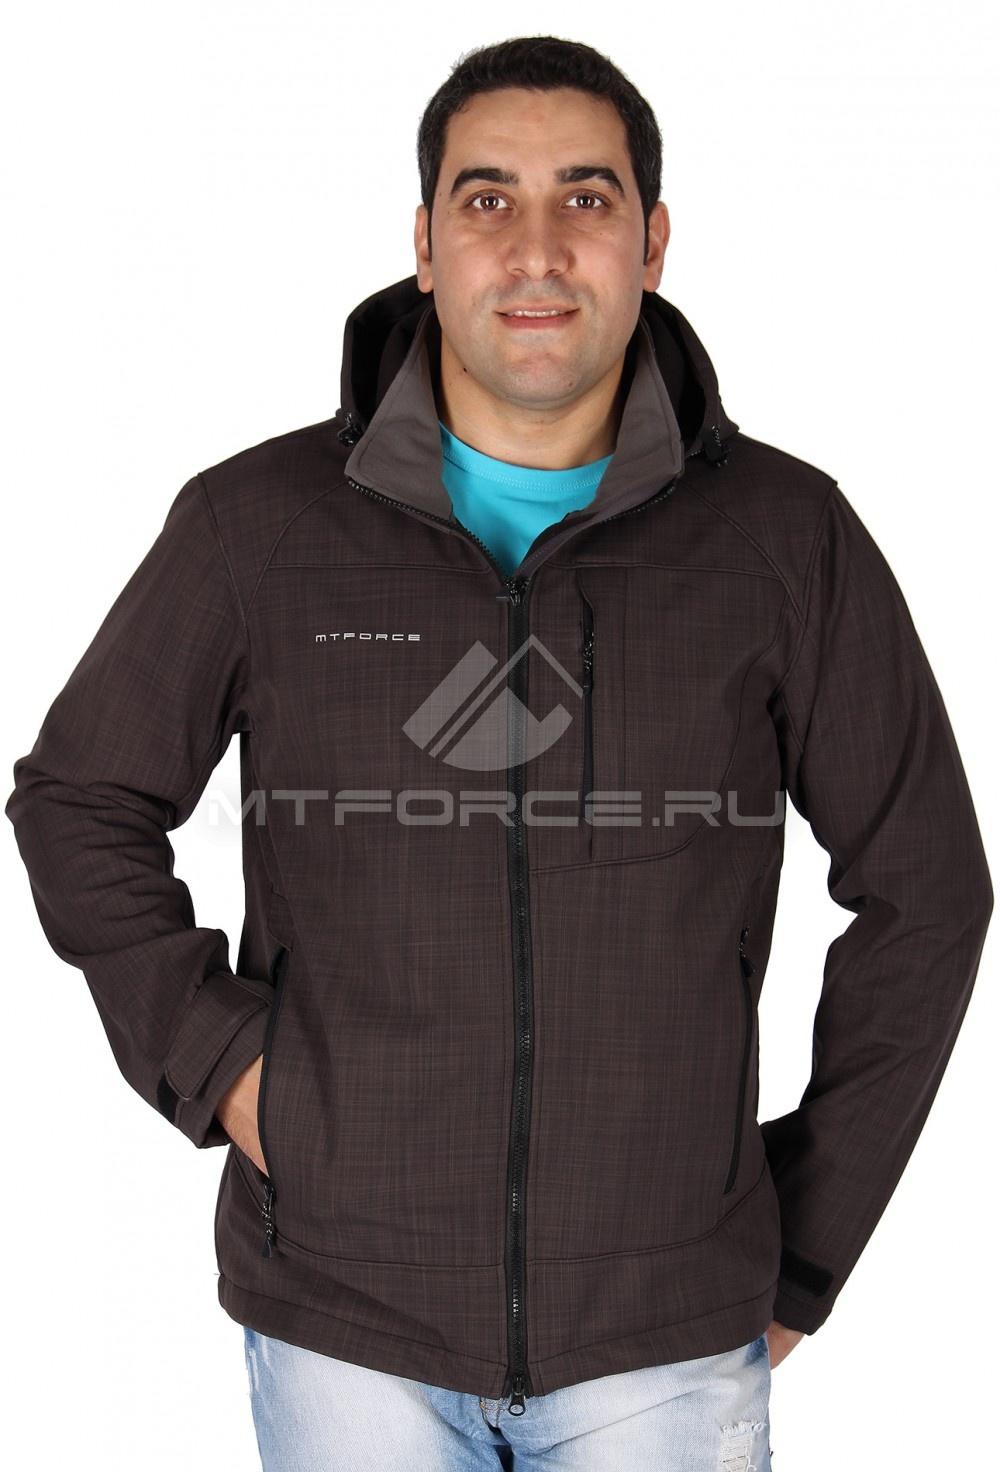 Купить                                  оптом Ветровка - виндстоппер мужская коричневого цвета 1636K